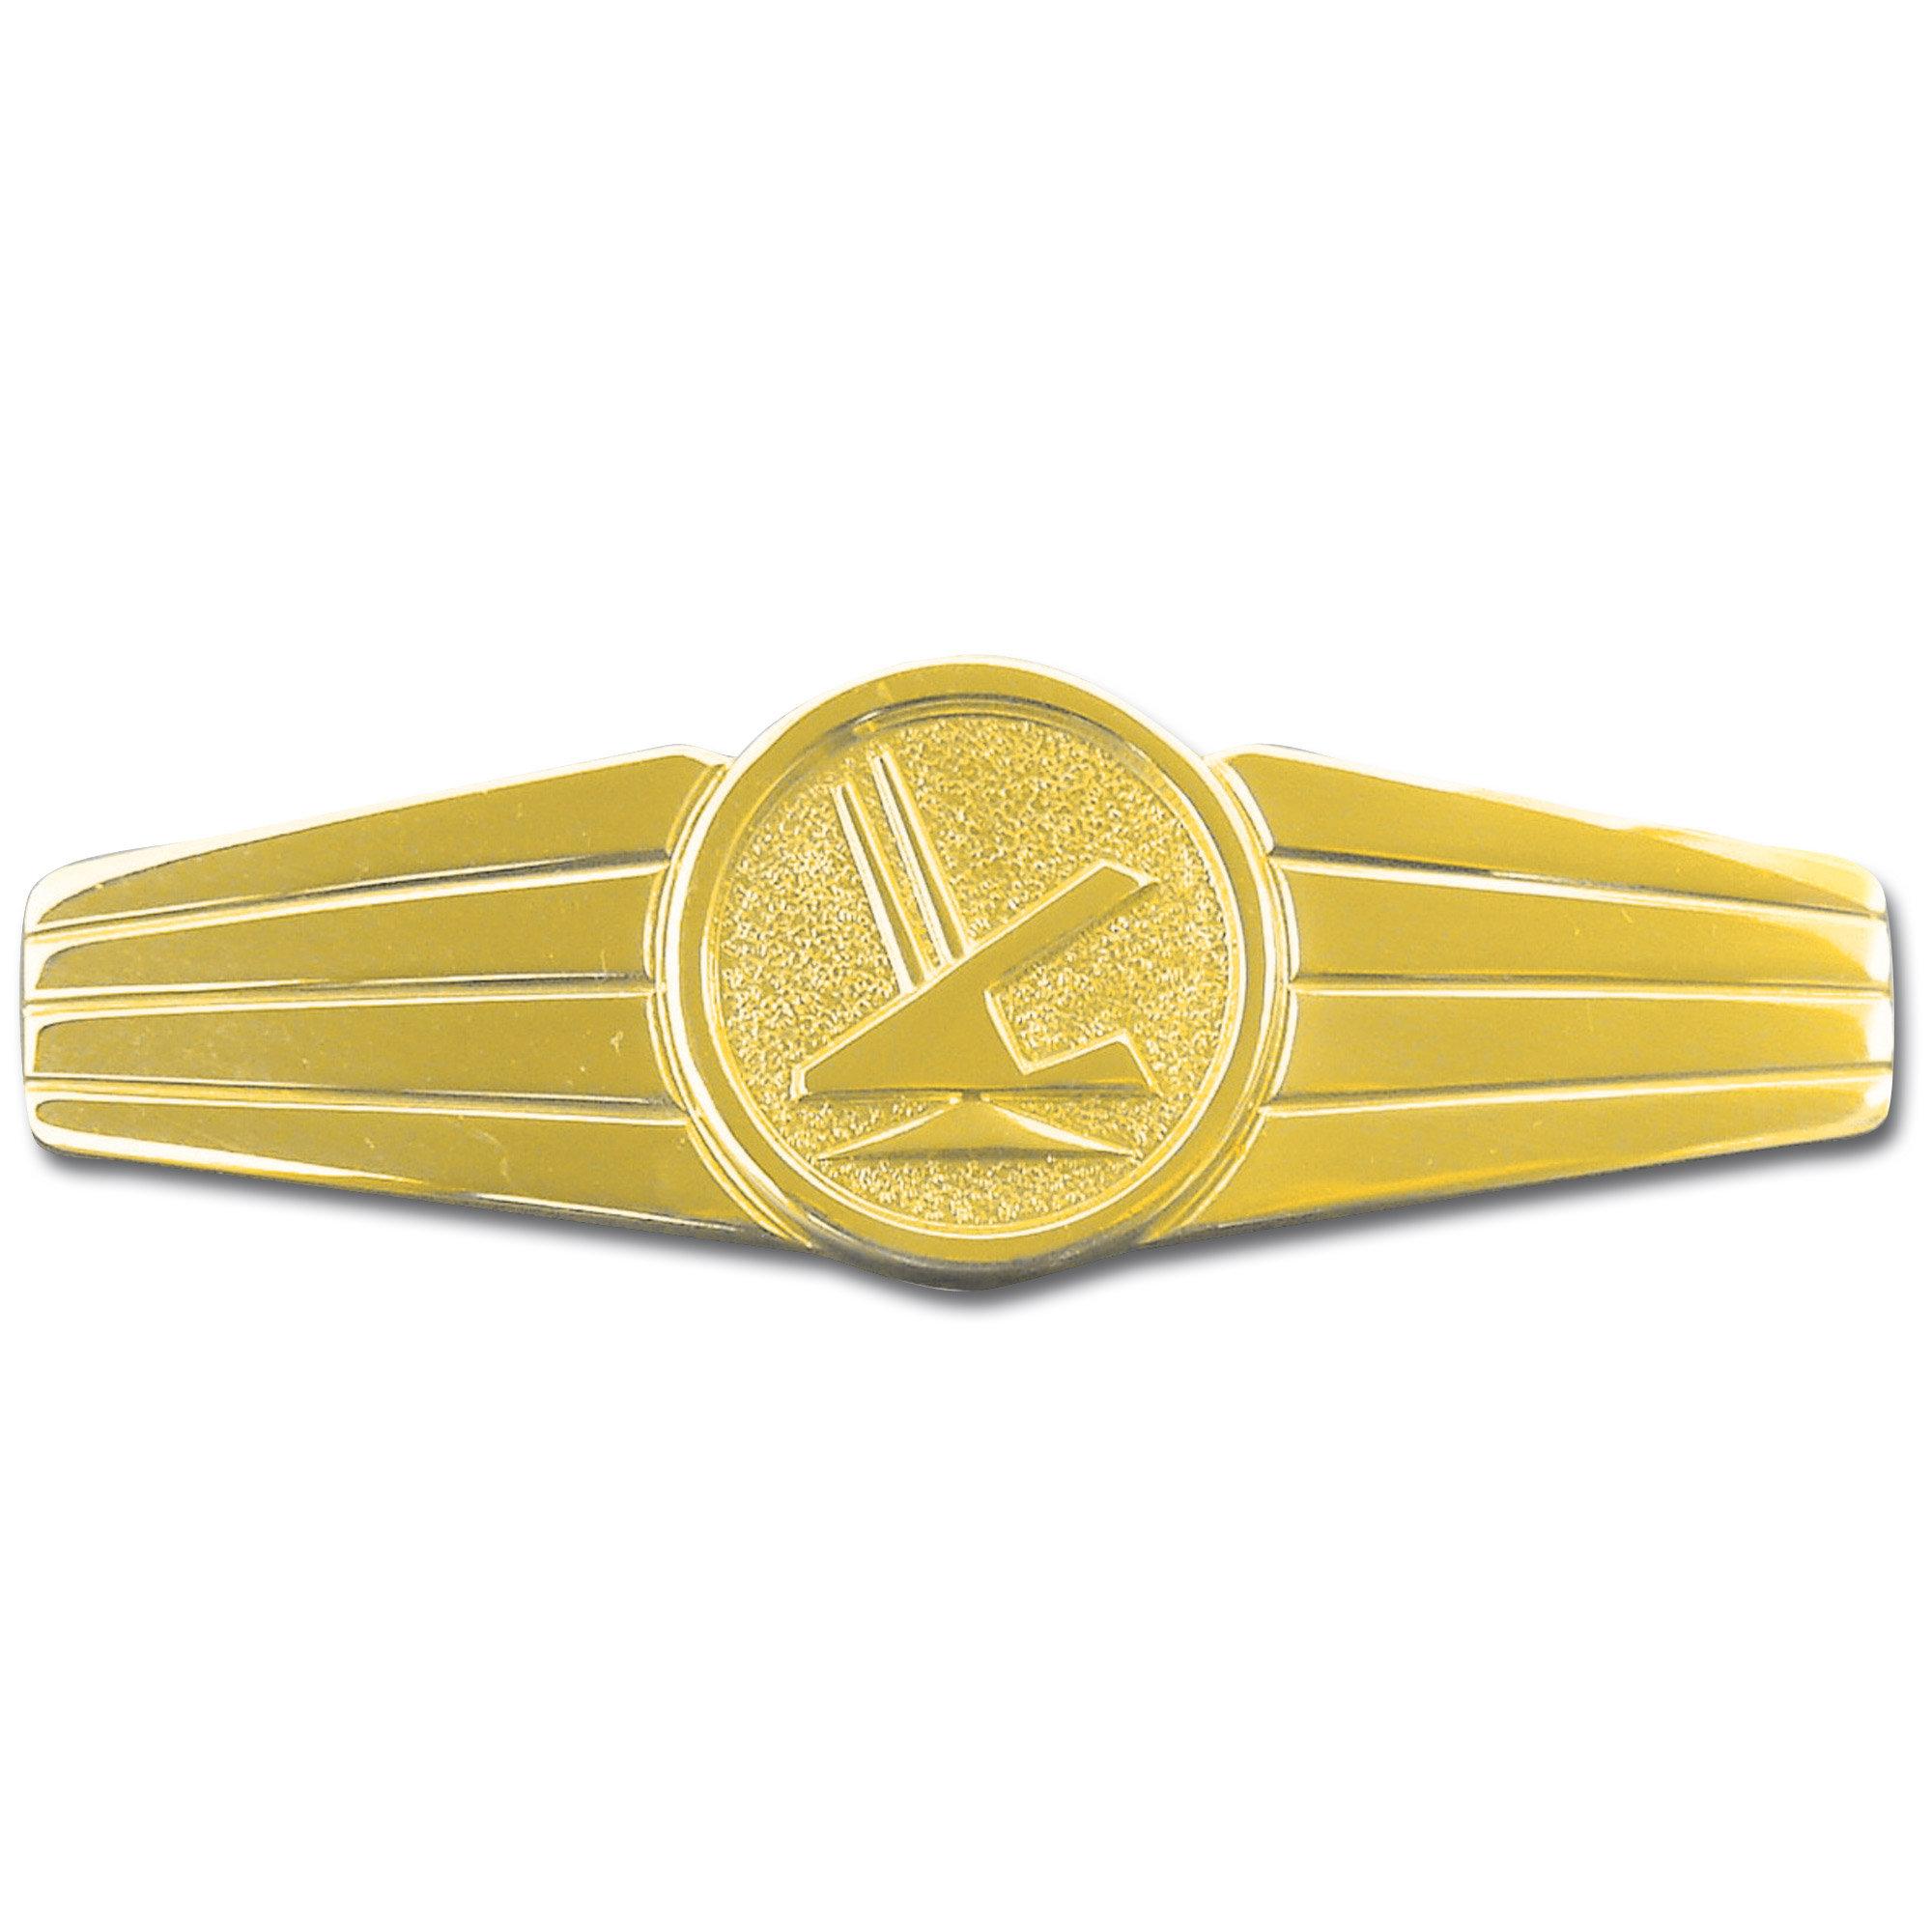 Insignia BW Sicherungspersonal gold (old)